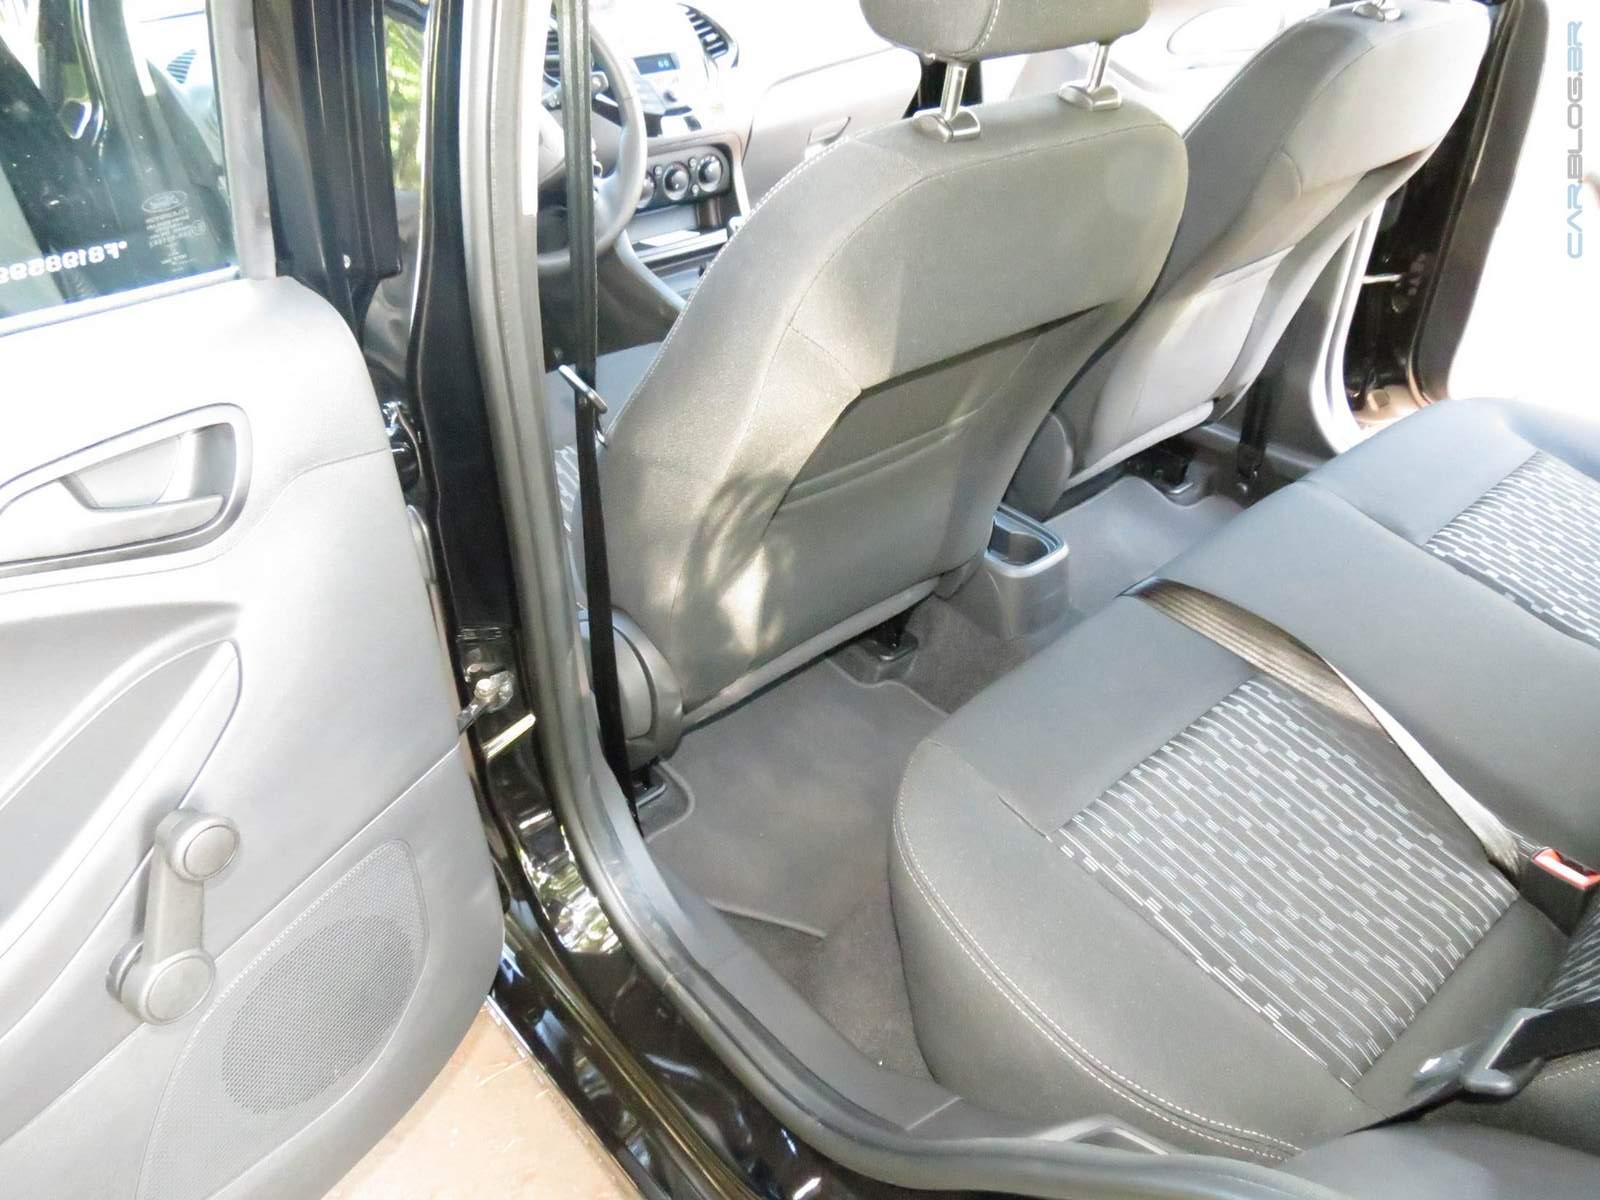 Ford Ka+ (Sedan) 1.5 2015 - teste